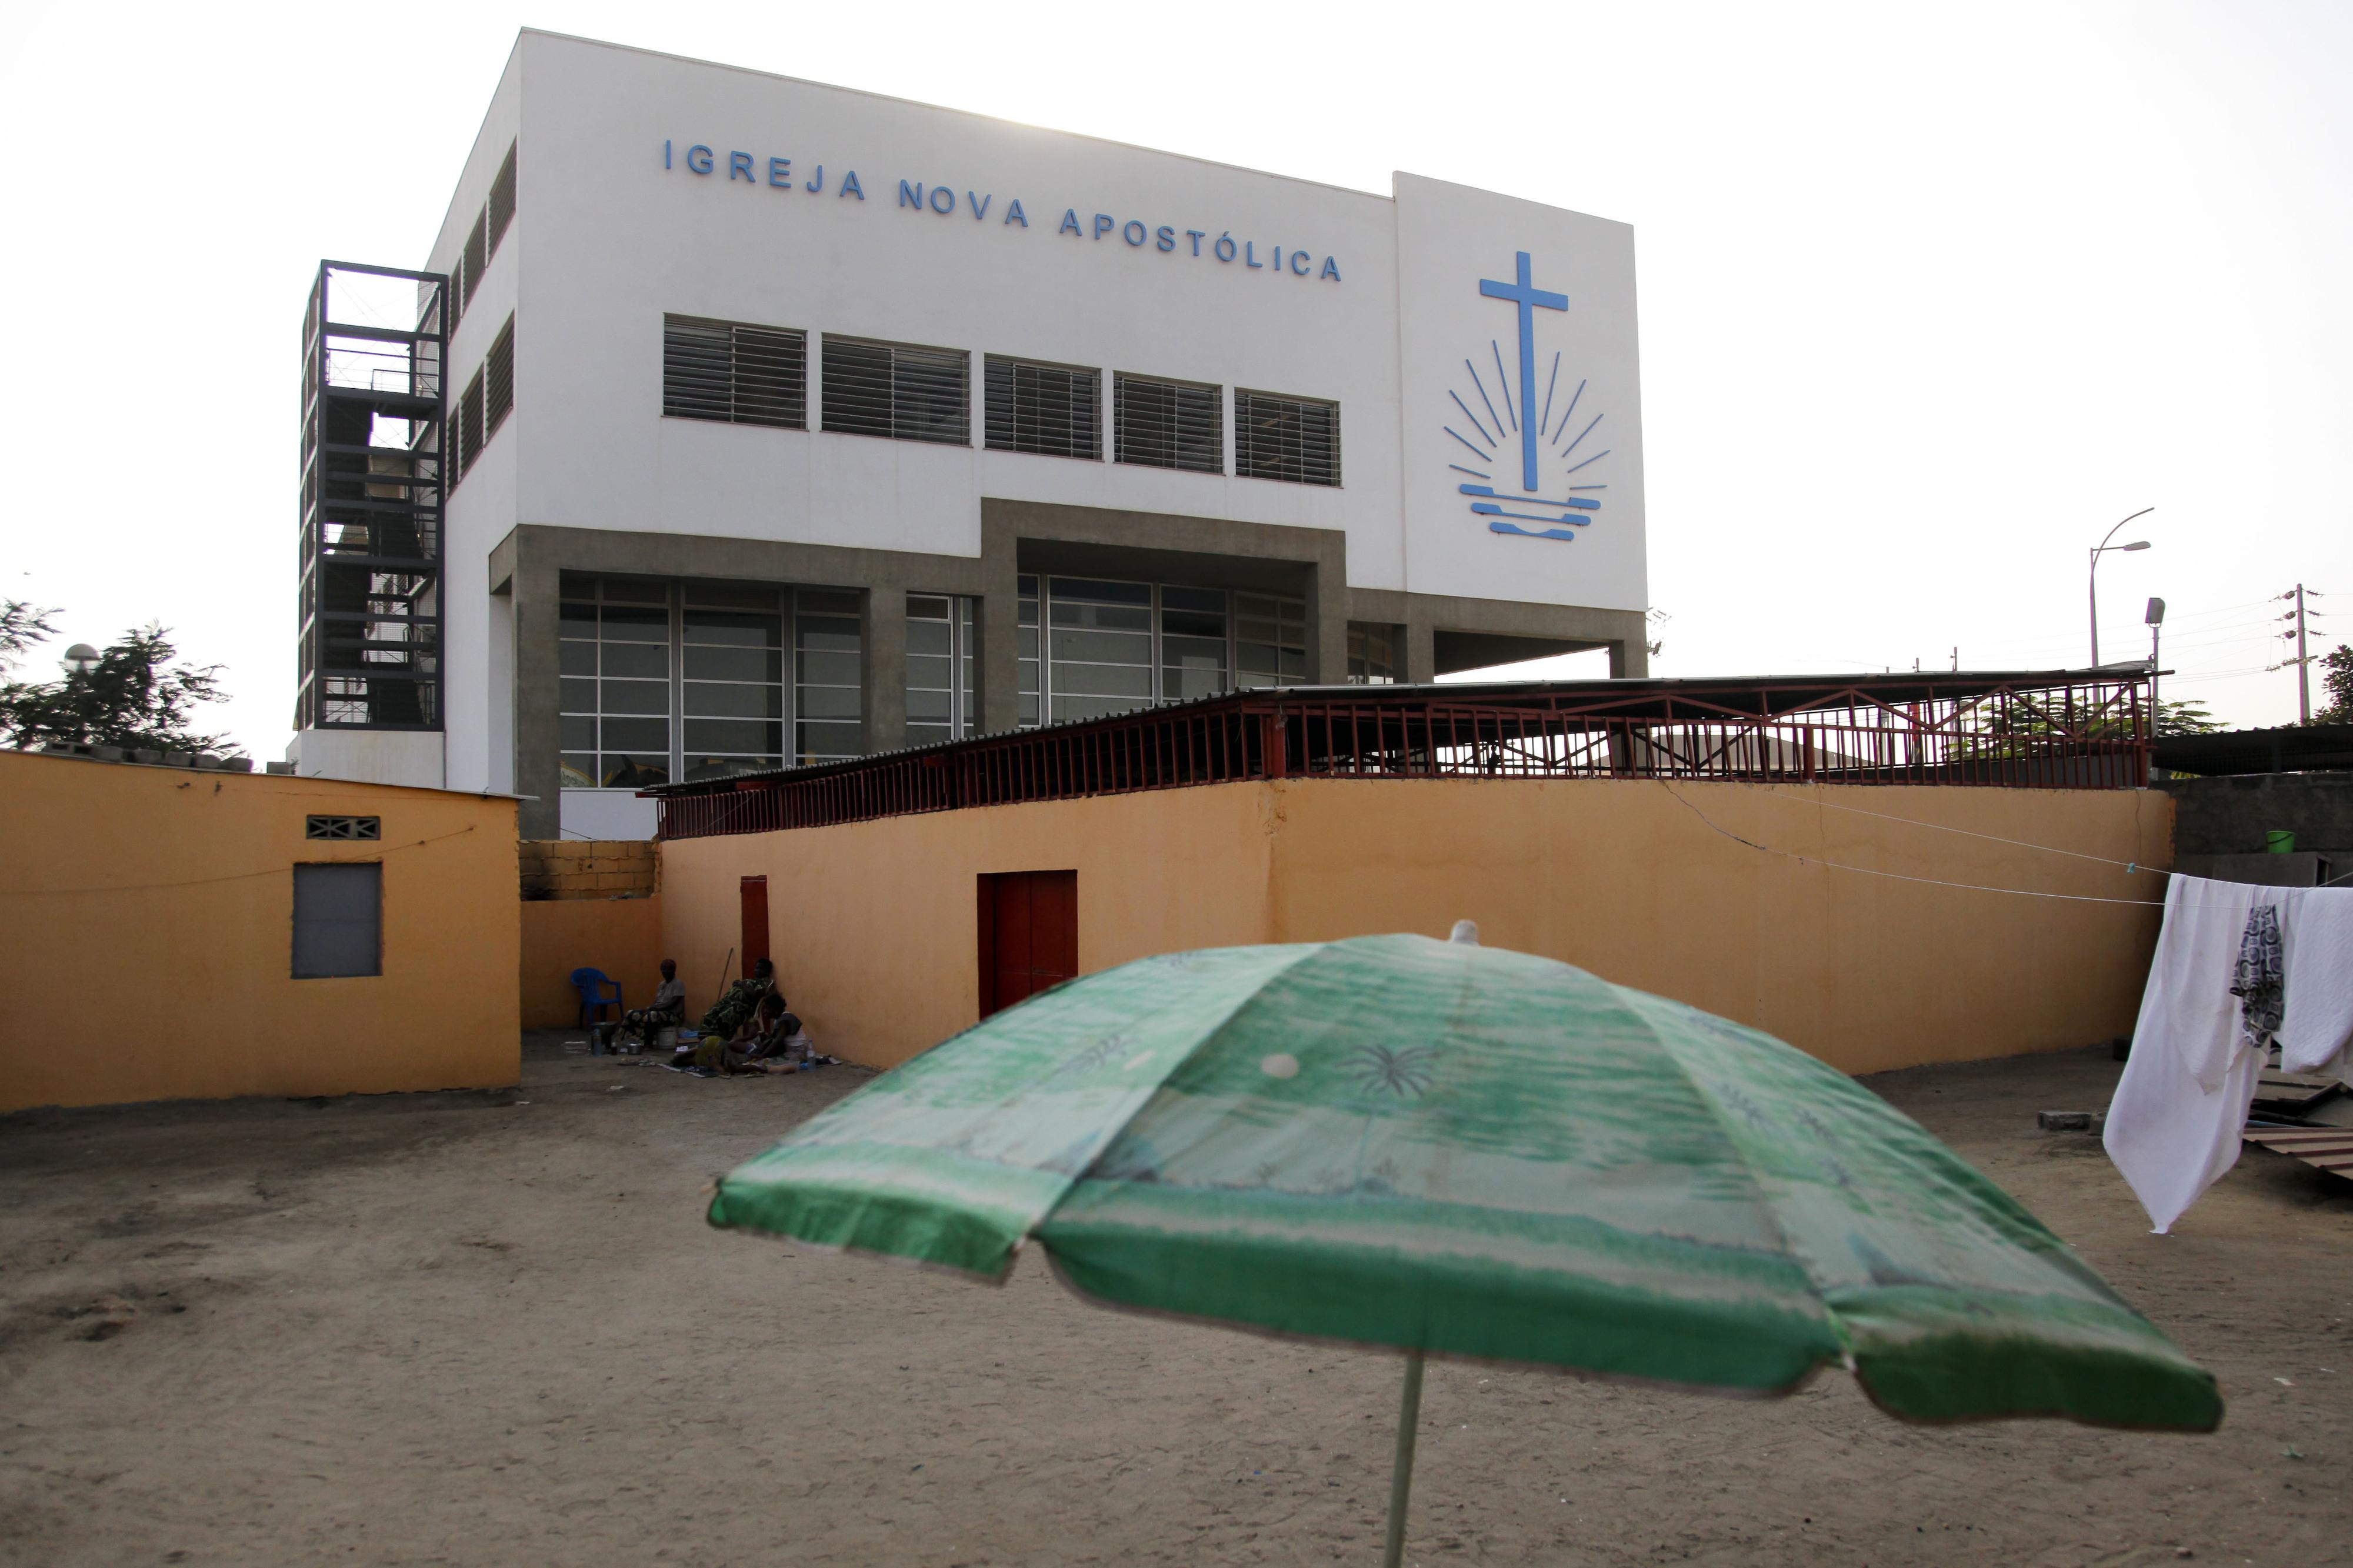 Angola tem 1.200 igrejas ilegais a exercer, entre elas a islâmica